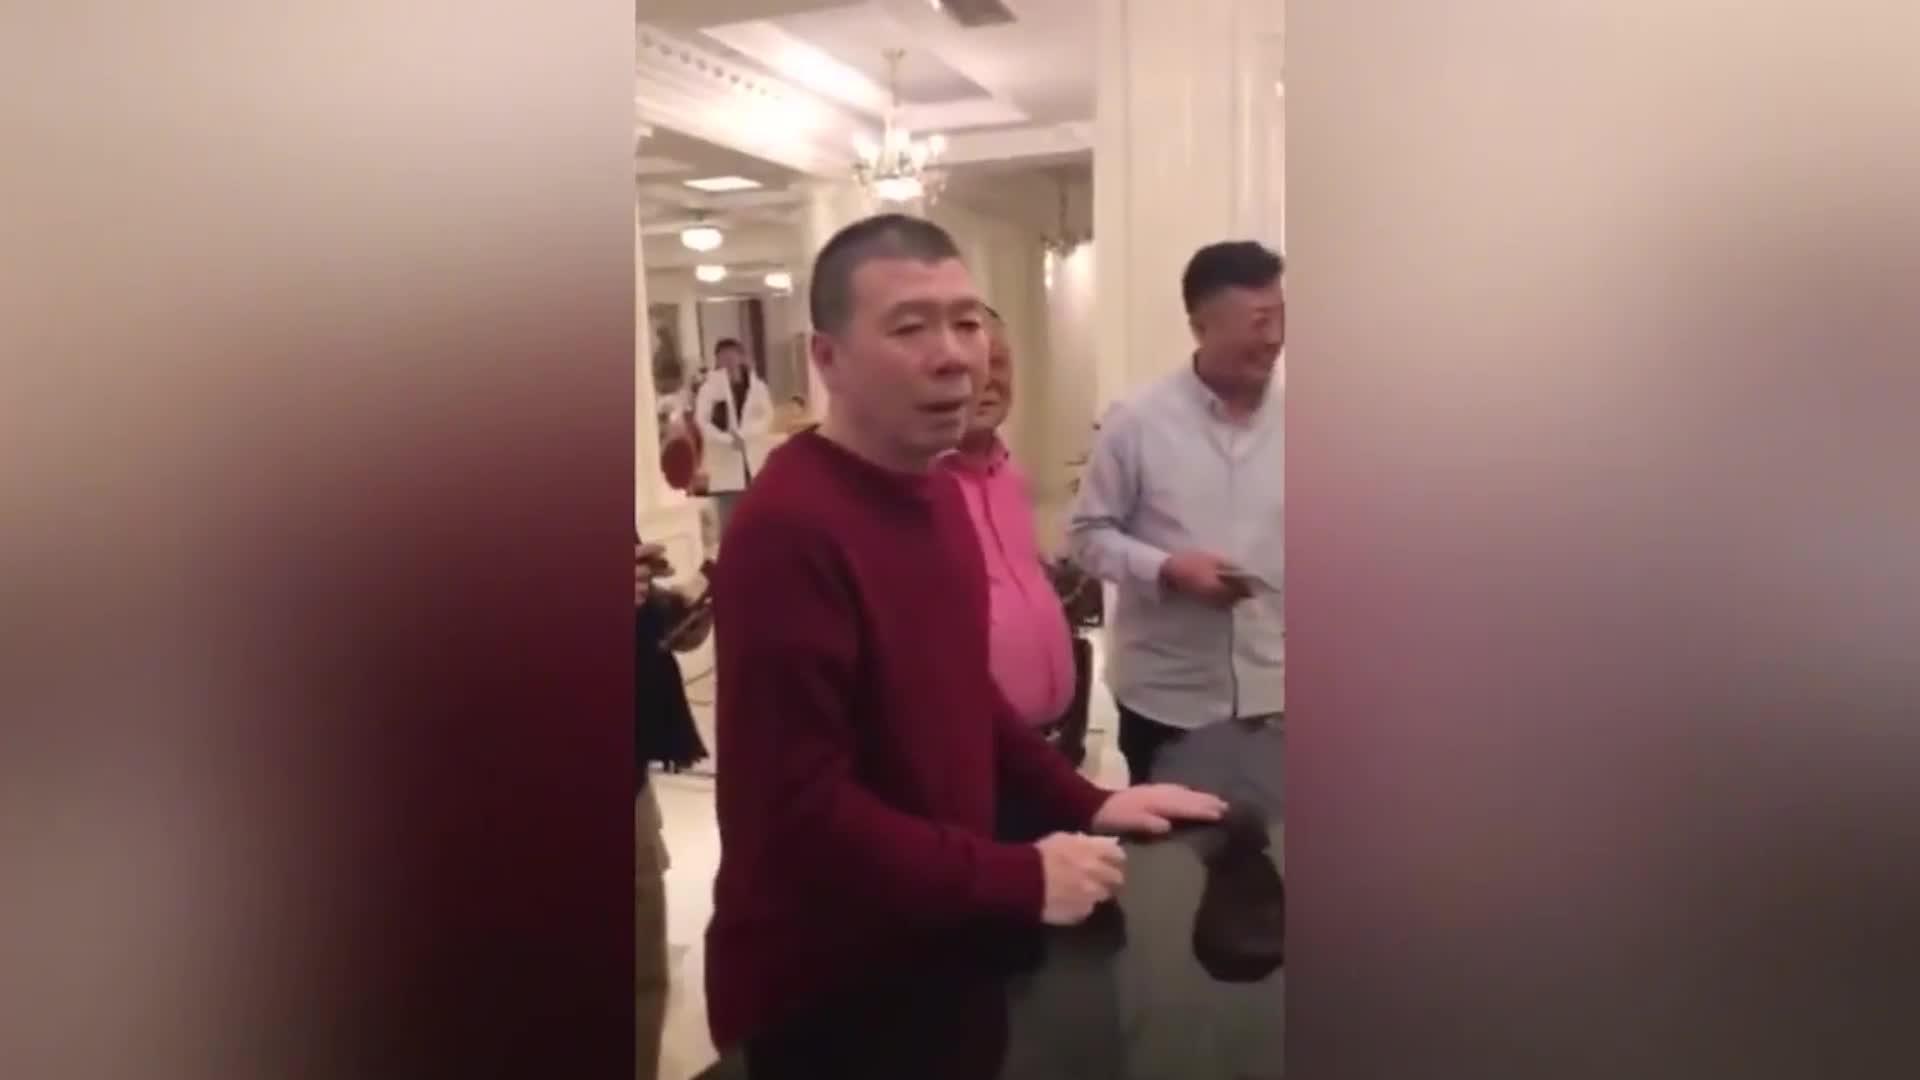 冯小刚喝多让女生跳舞, 被陈道明破口大骂: 你没看过跳舞啊